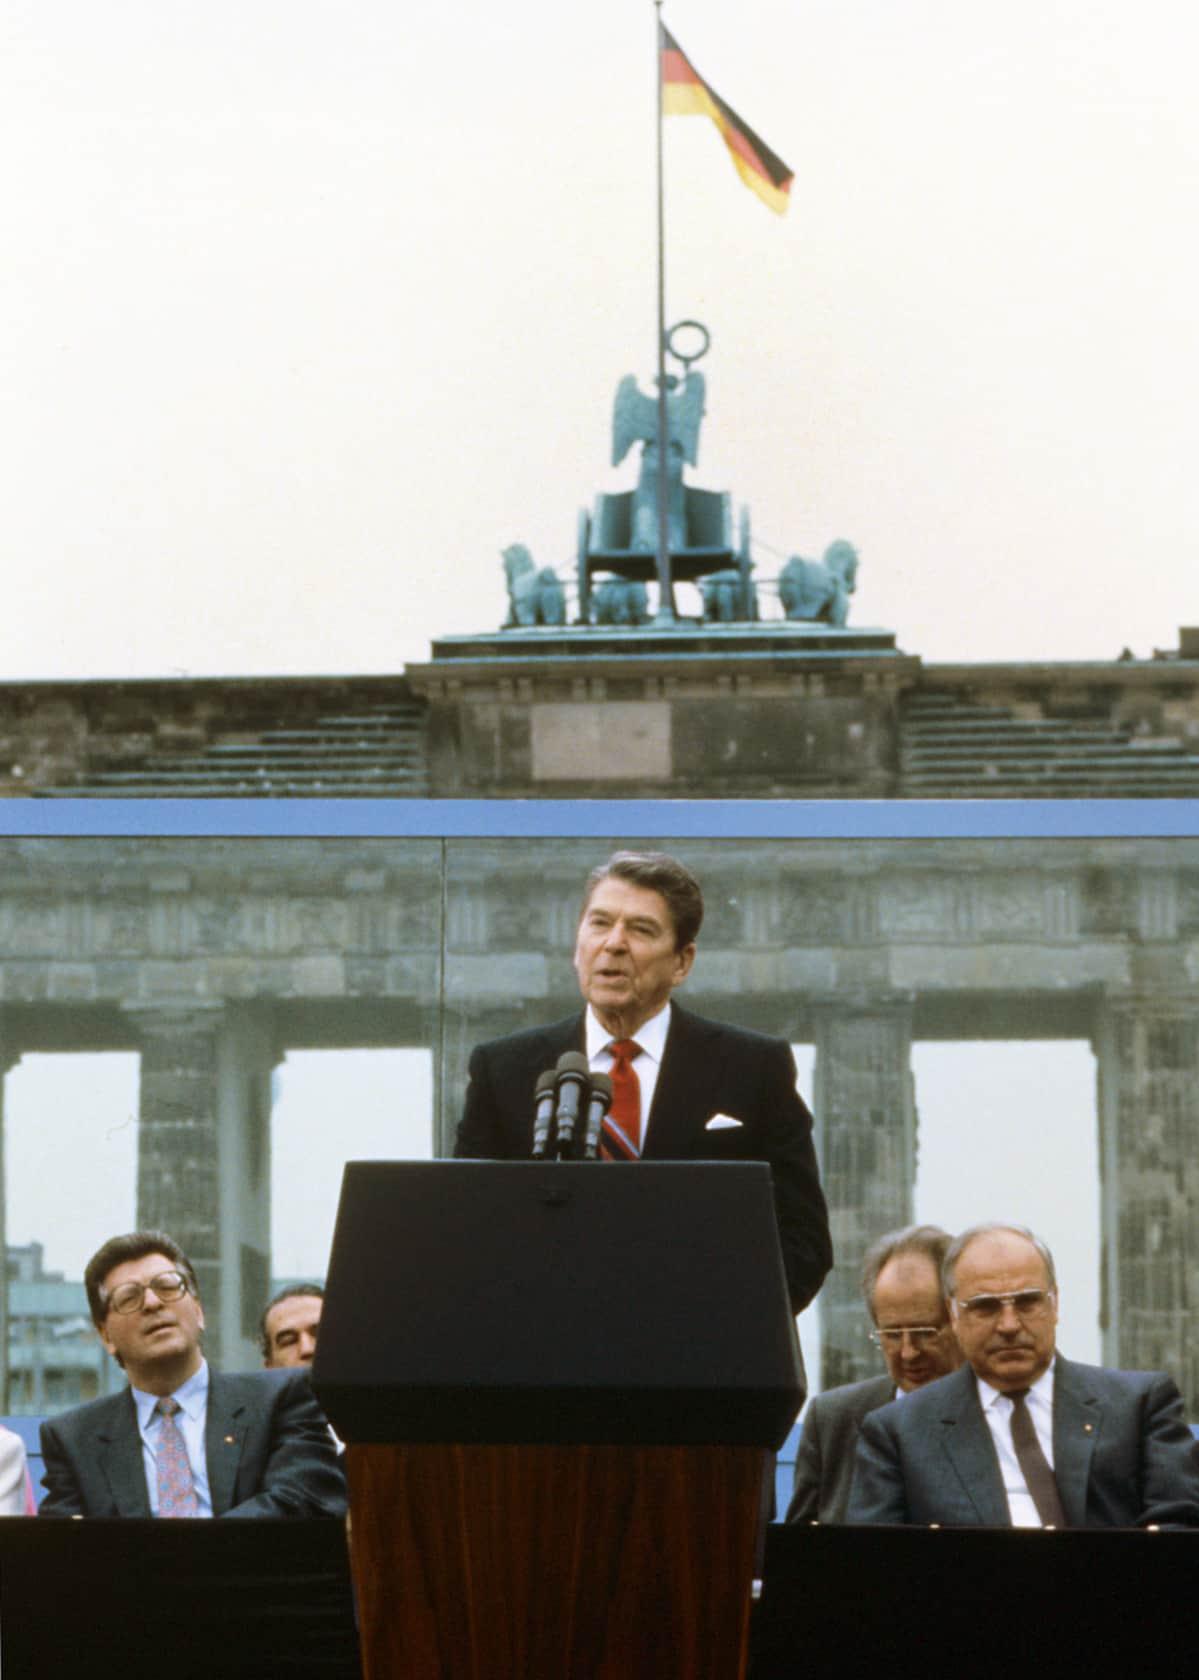 Yhdysvaltain presidentti Ronald Reagan puhumassa Berliinin muurilla Länsi-Berliinissä.